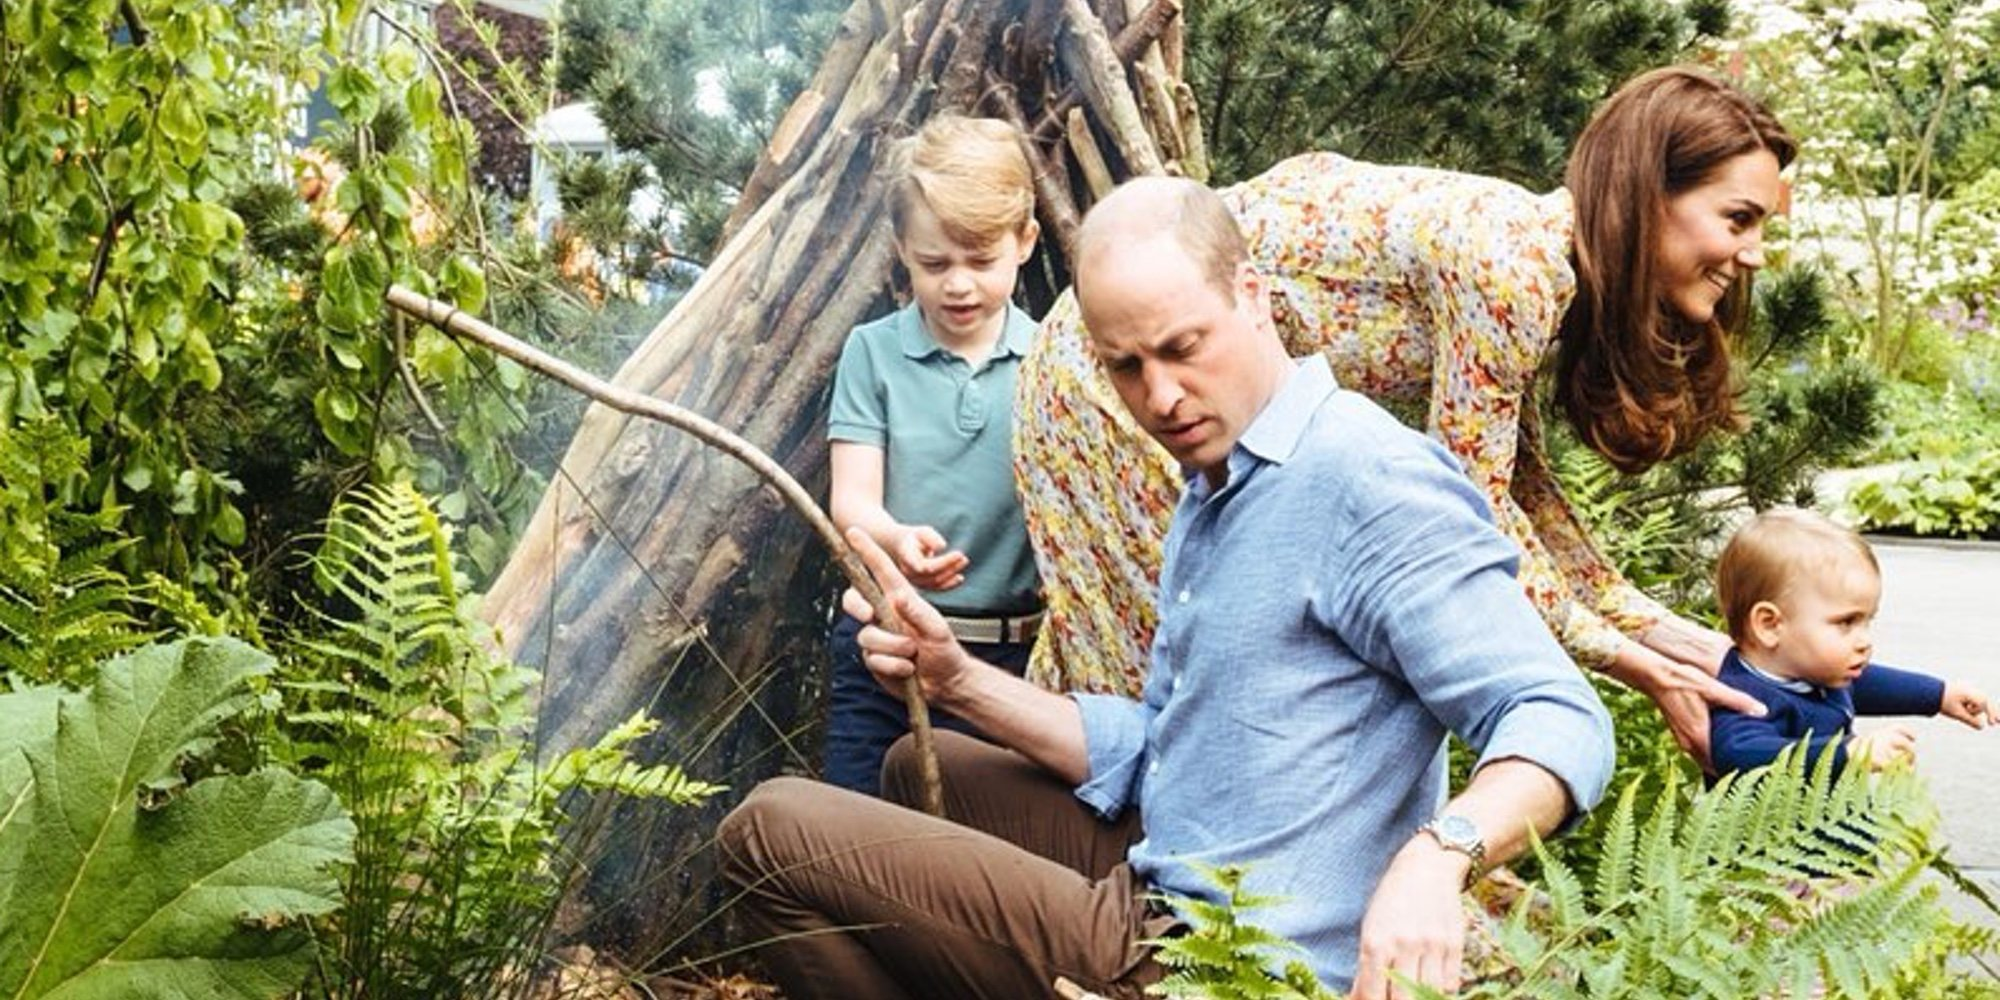 Los divertidos juegos de los Príncipes Jorge, Carlota y Luis en el jardín diseñado por su madre Kate Middleton